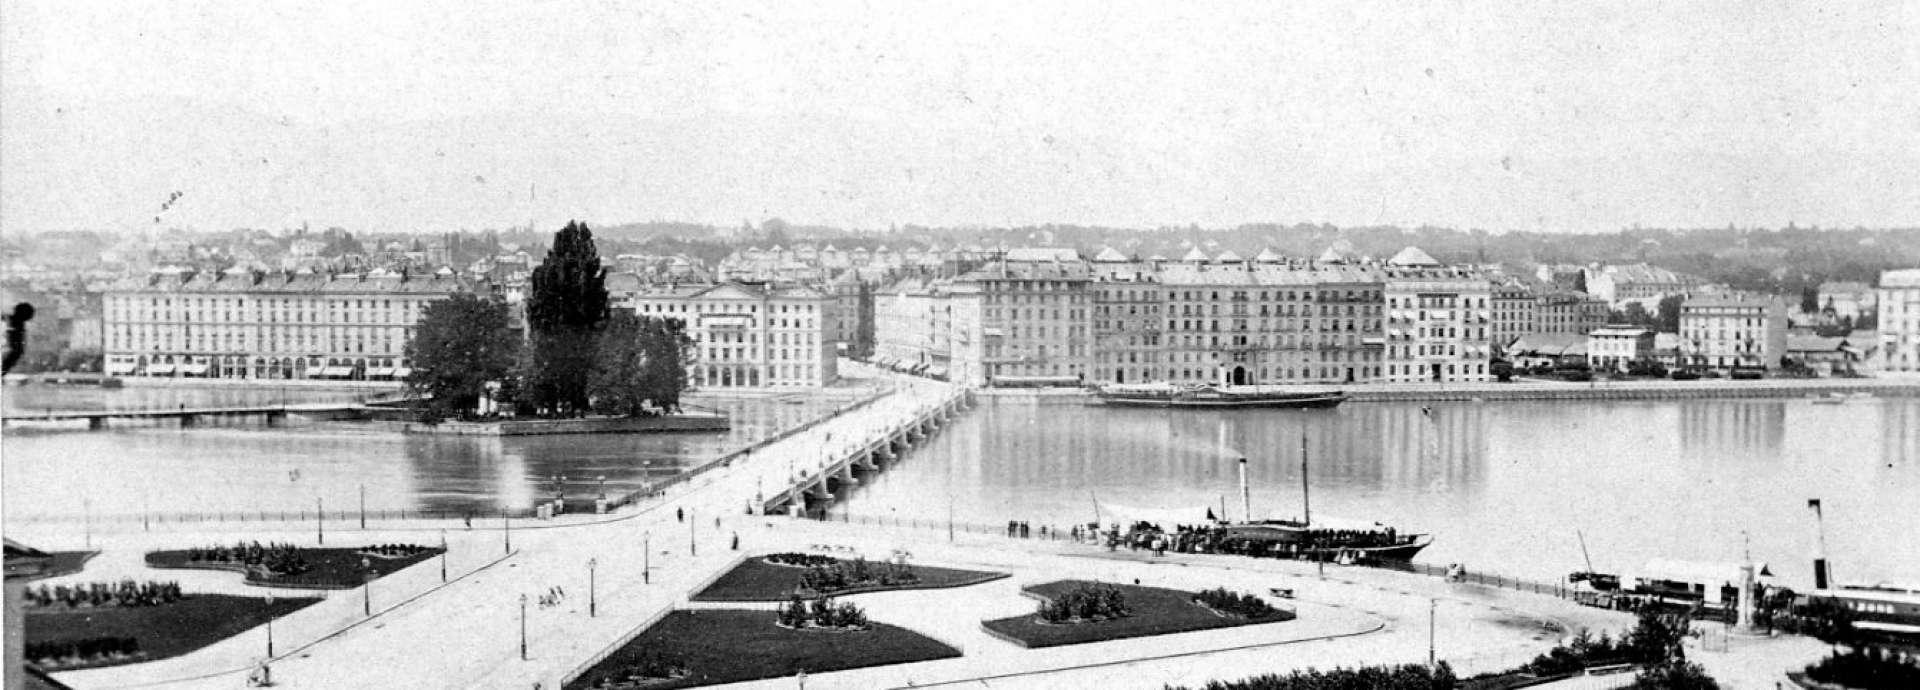 Agence Immobilière Genève - Moser Vernet et Cie SA pont du mont-blanc